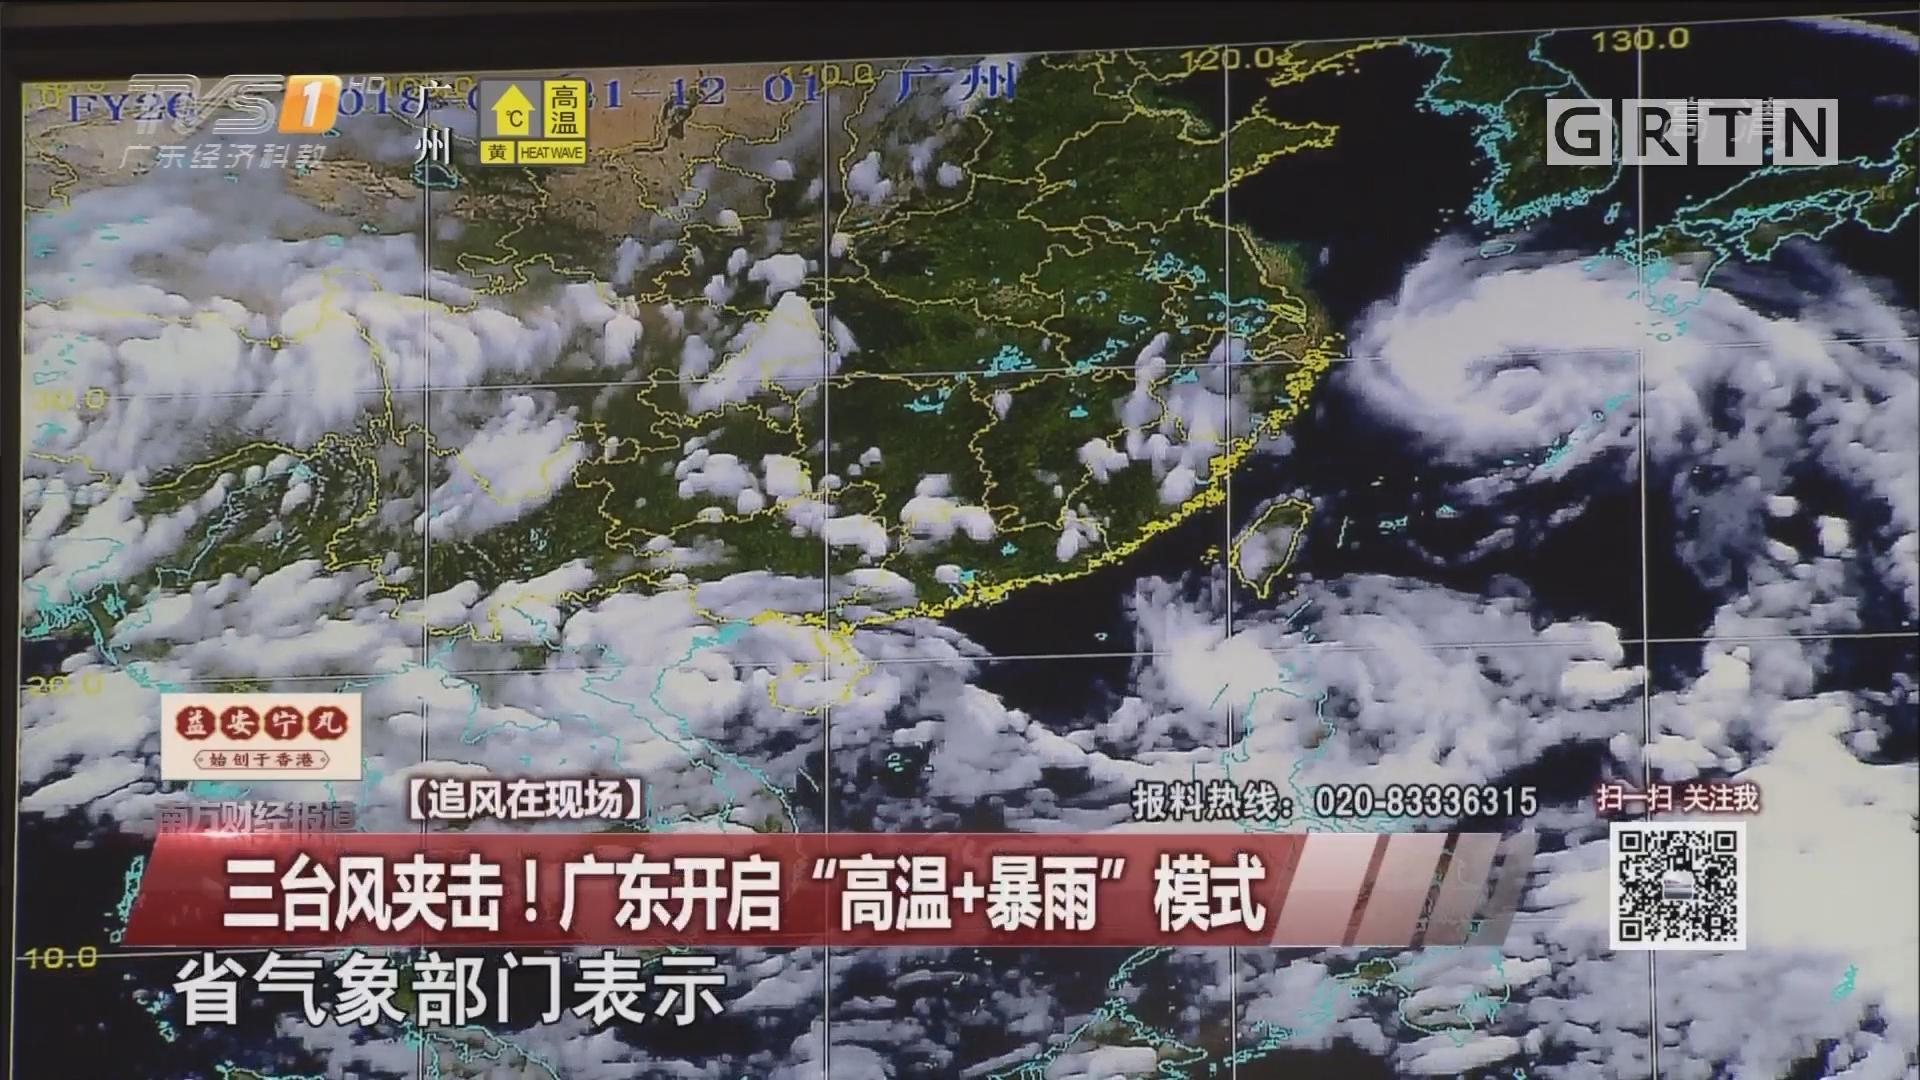 """三台风夹击!广东开启""""高温+暴雨""""模式"""